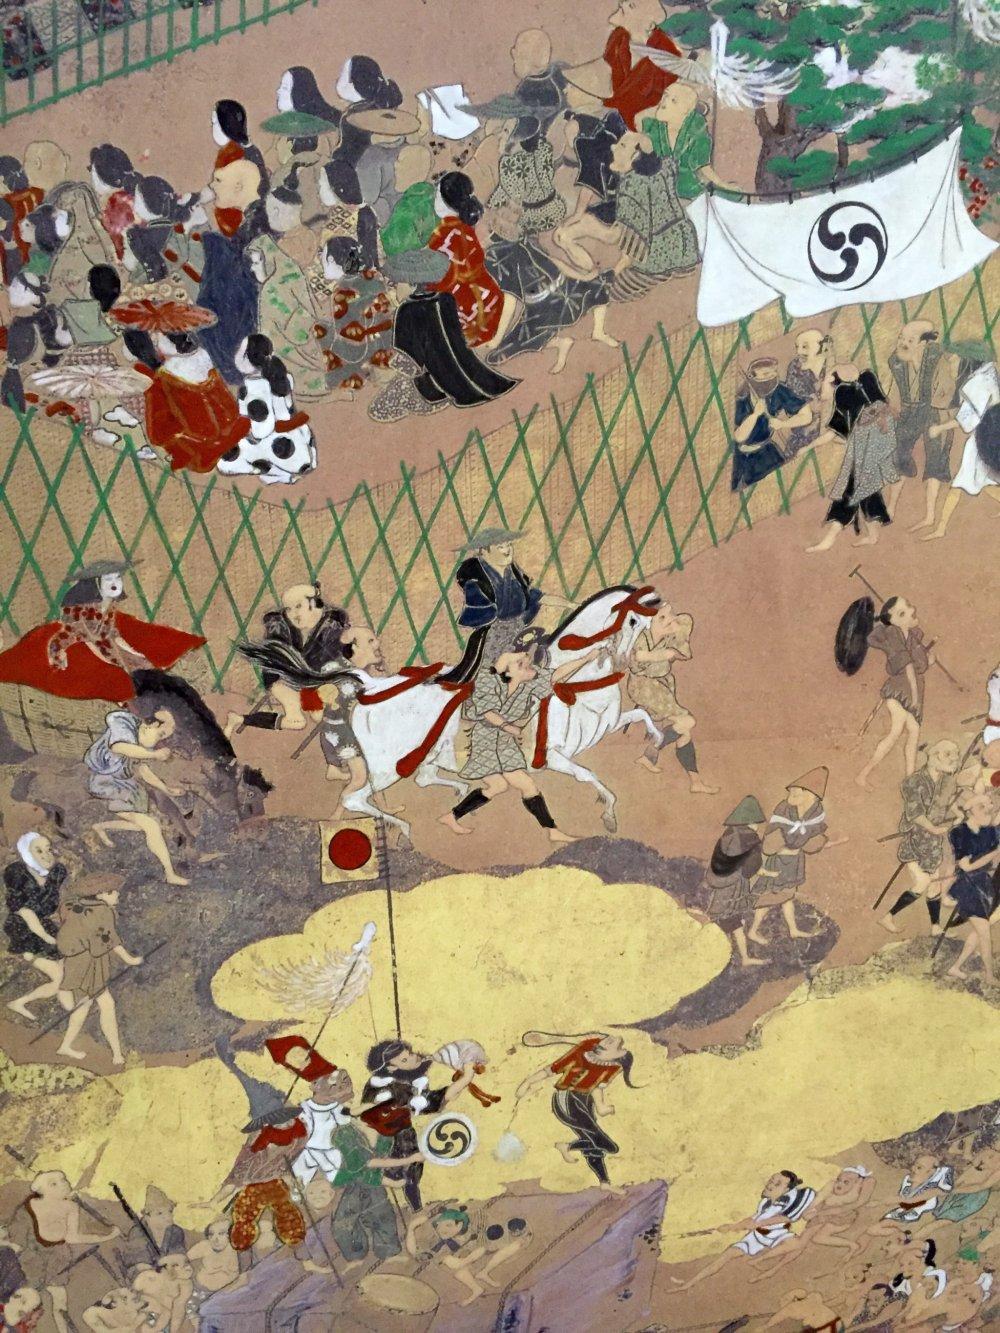 Традиционная японская ширма показывает сцены из жизни в период Эдо. Фото крупным планом